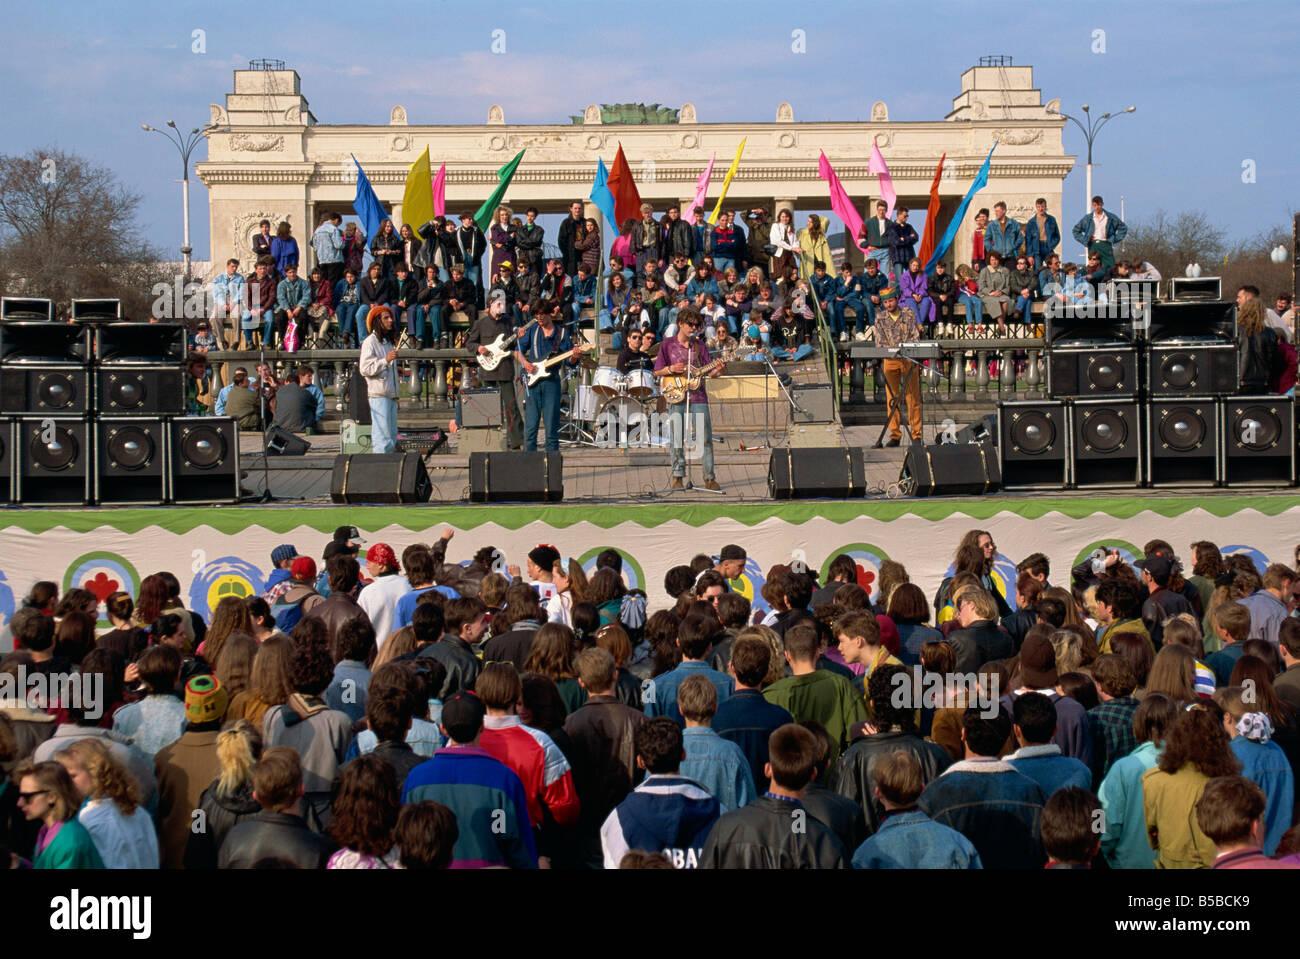 La foule à un concert au cours du Festival le jour de la Terre dans le Parc Gorky à Moscou Russie G Hellier Photo Stock